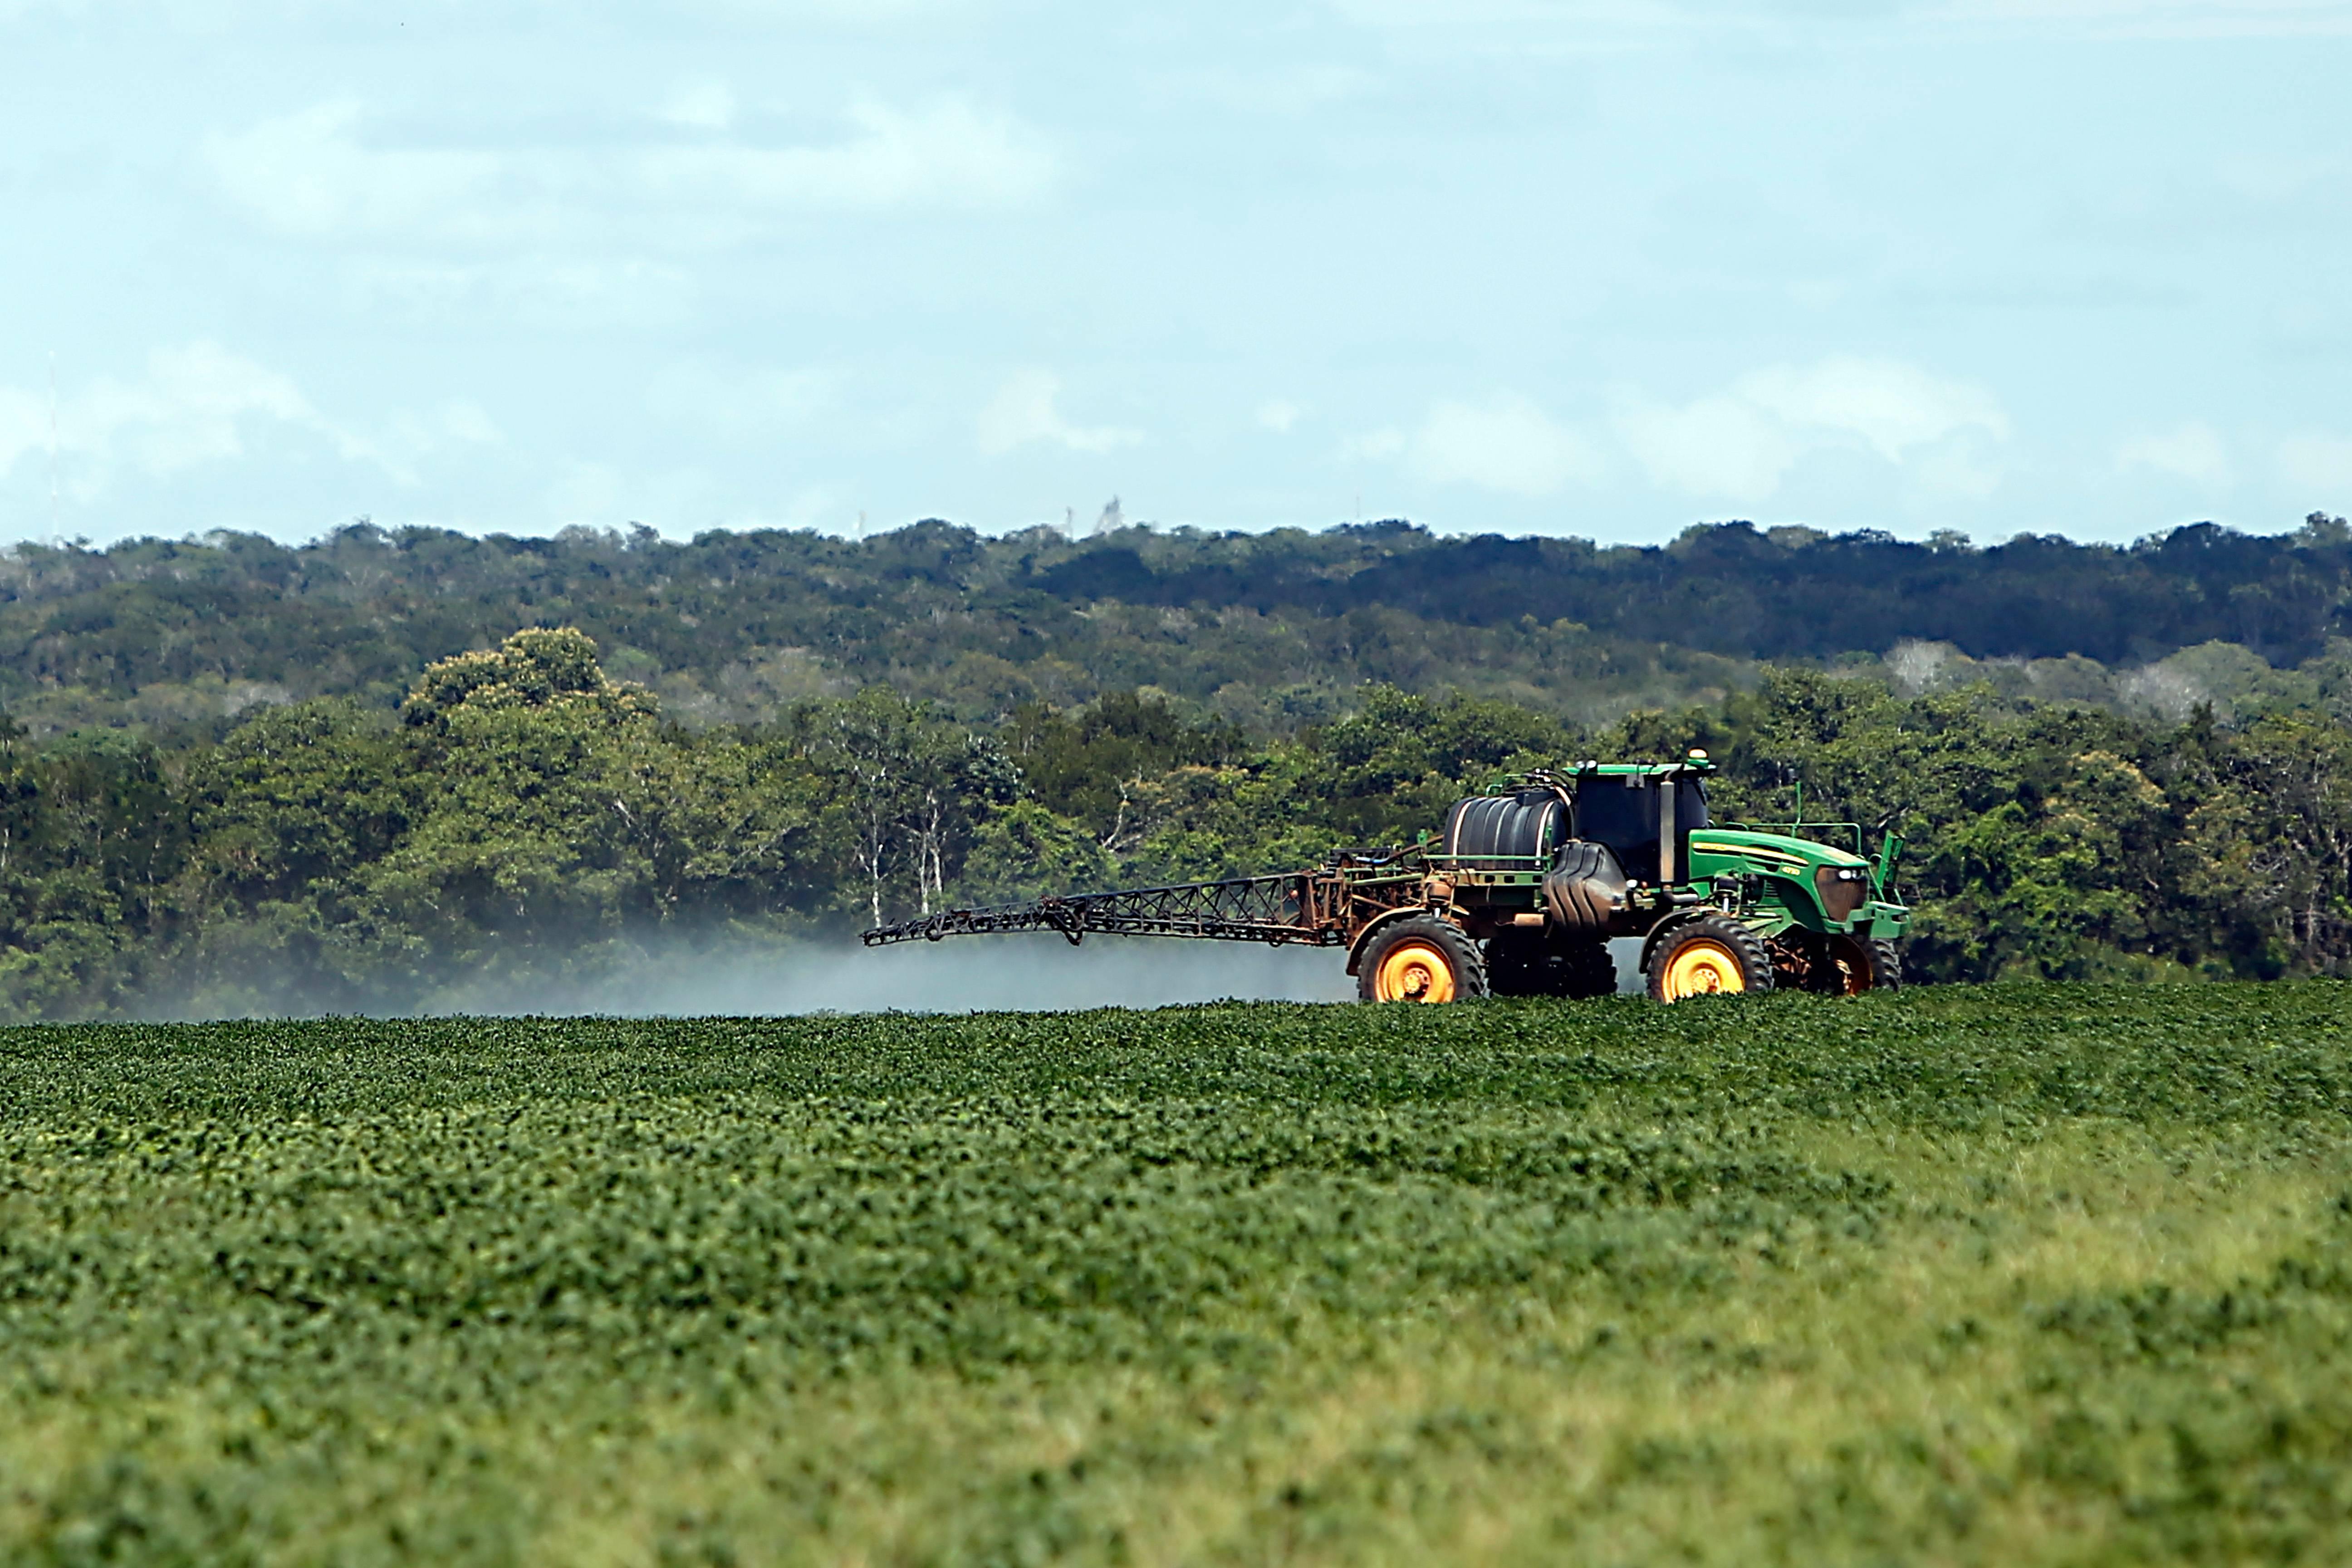 Trator pulverizando lavoura de soja em Sapezal (MT). Cultura da oleaginosa é que mais utiliza agrotóxicos em larga escala.